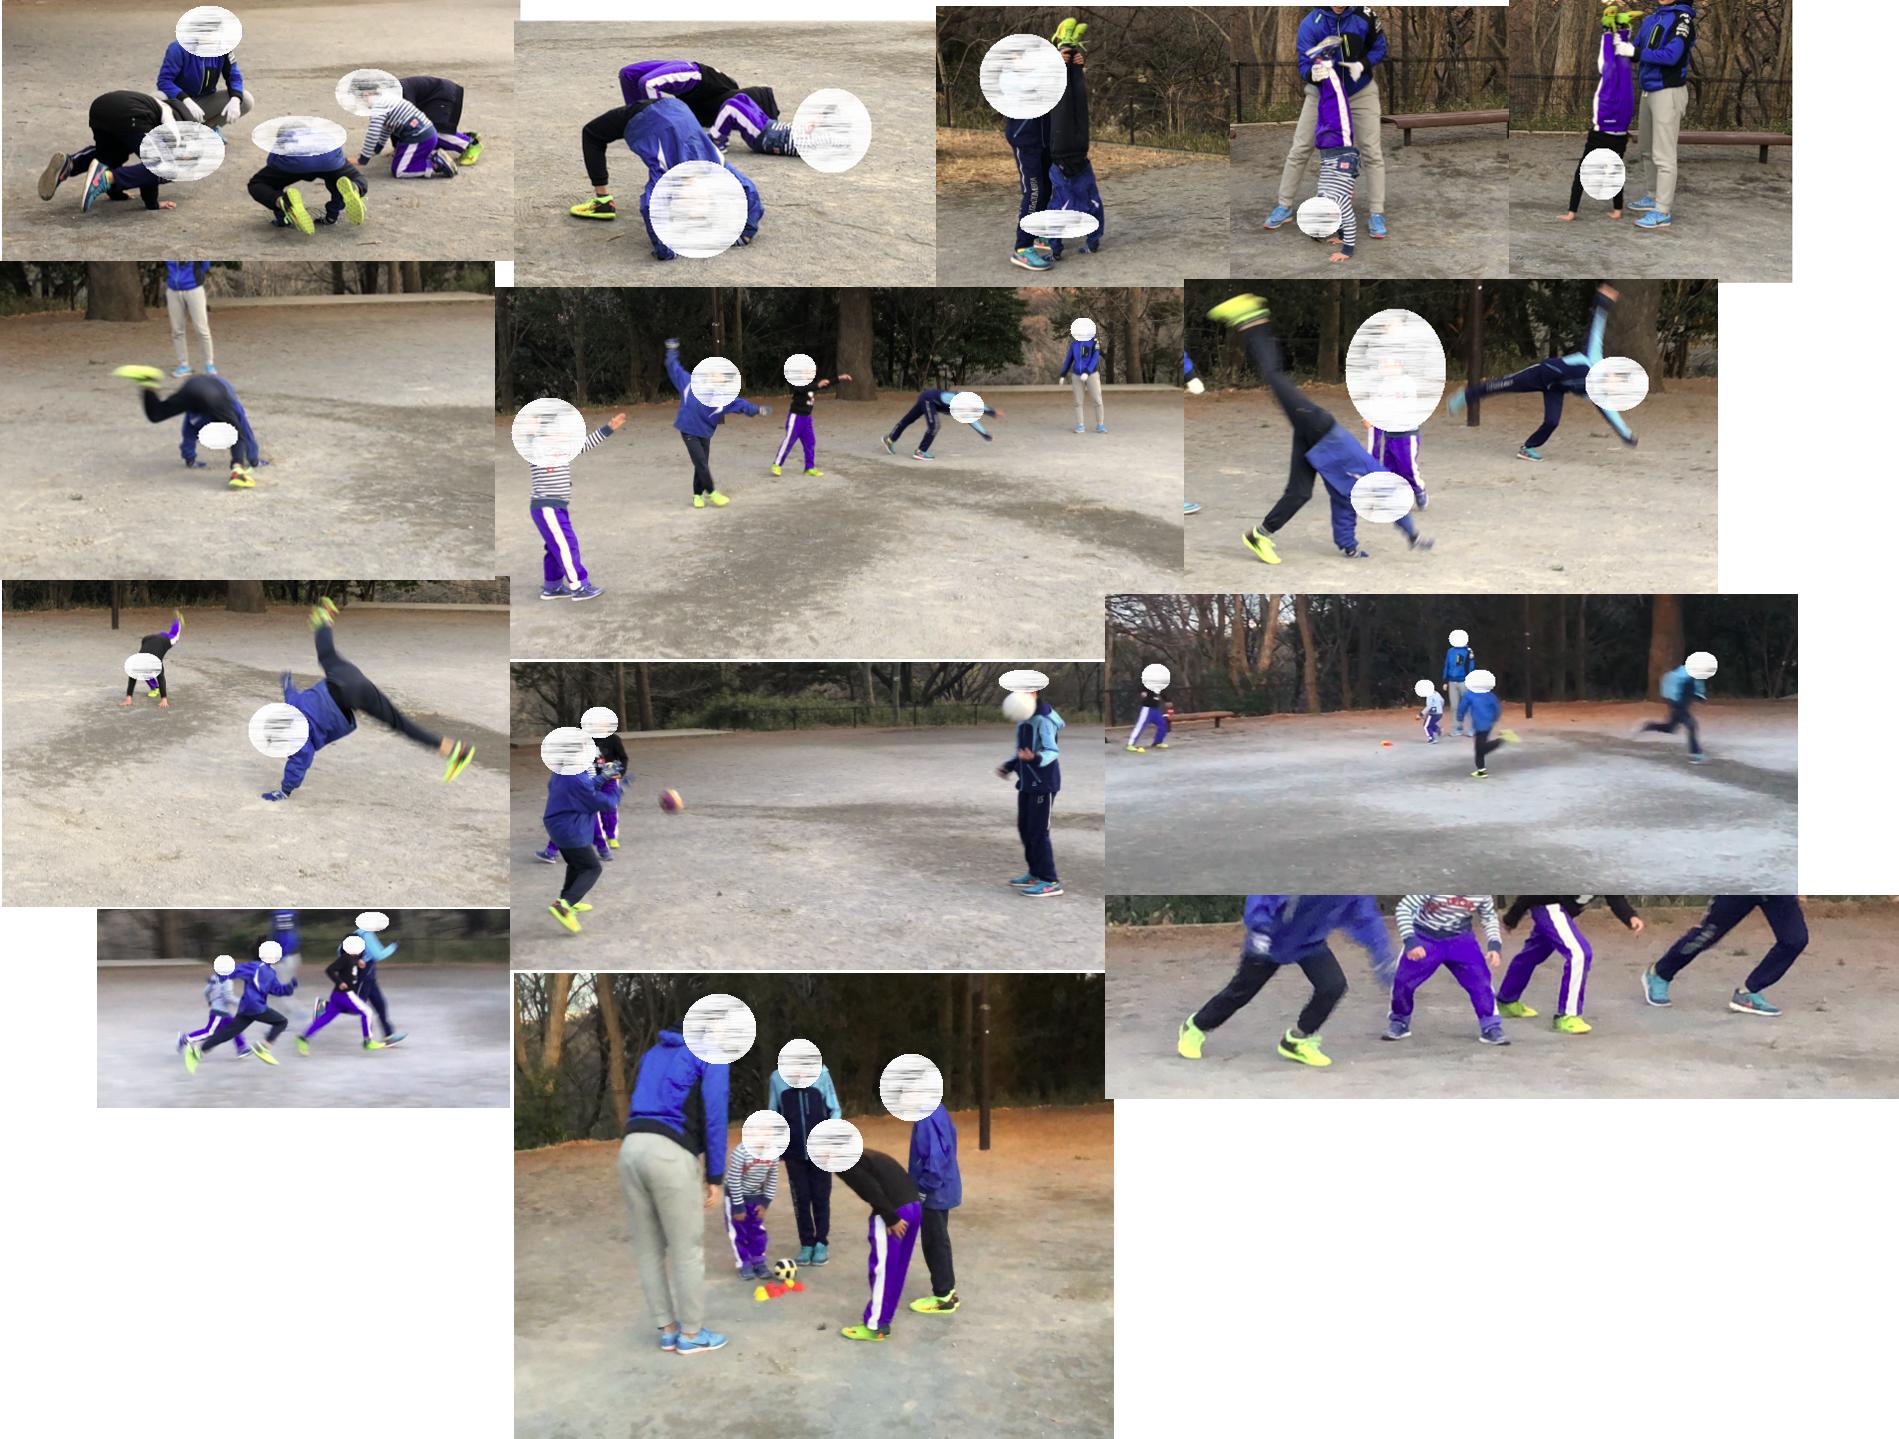 2018年2月8日 無料体験『サッカーX陸上』クラス ~ ムーブメントキャパシティ(運動多様性)とは?